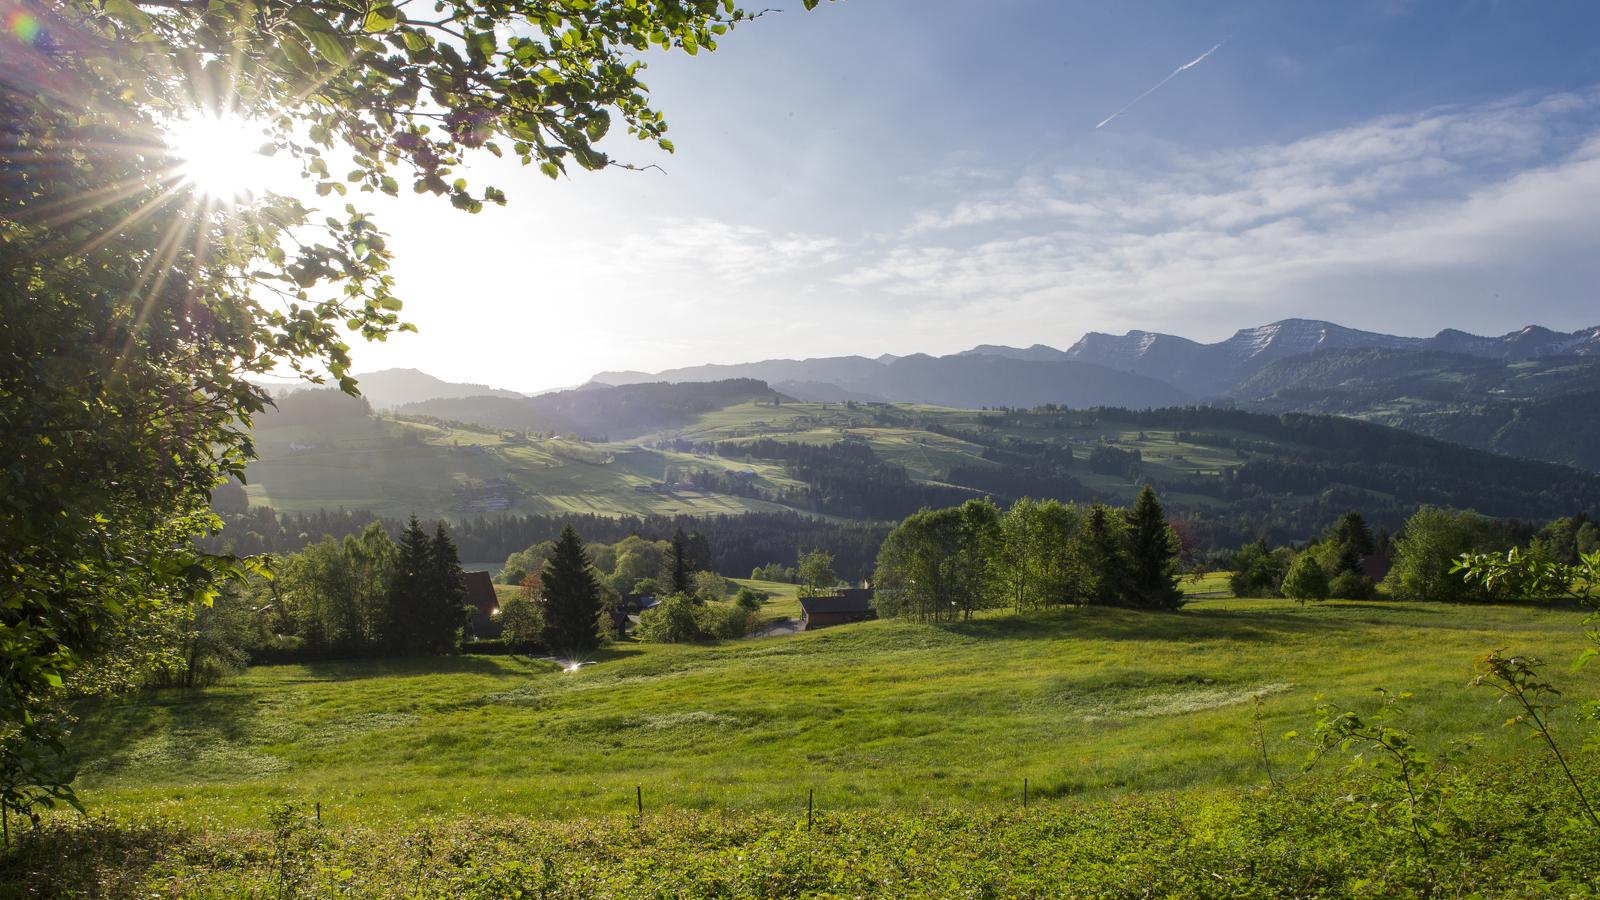 Ausblick von der Martinshöhe in Oberreute im Allgäu © Klaus-Peter Kappest, Germany